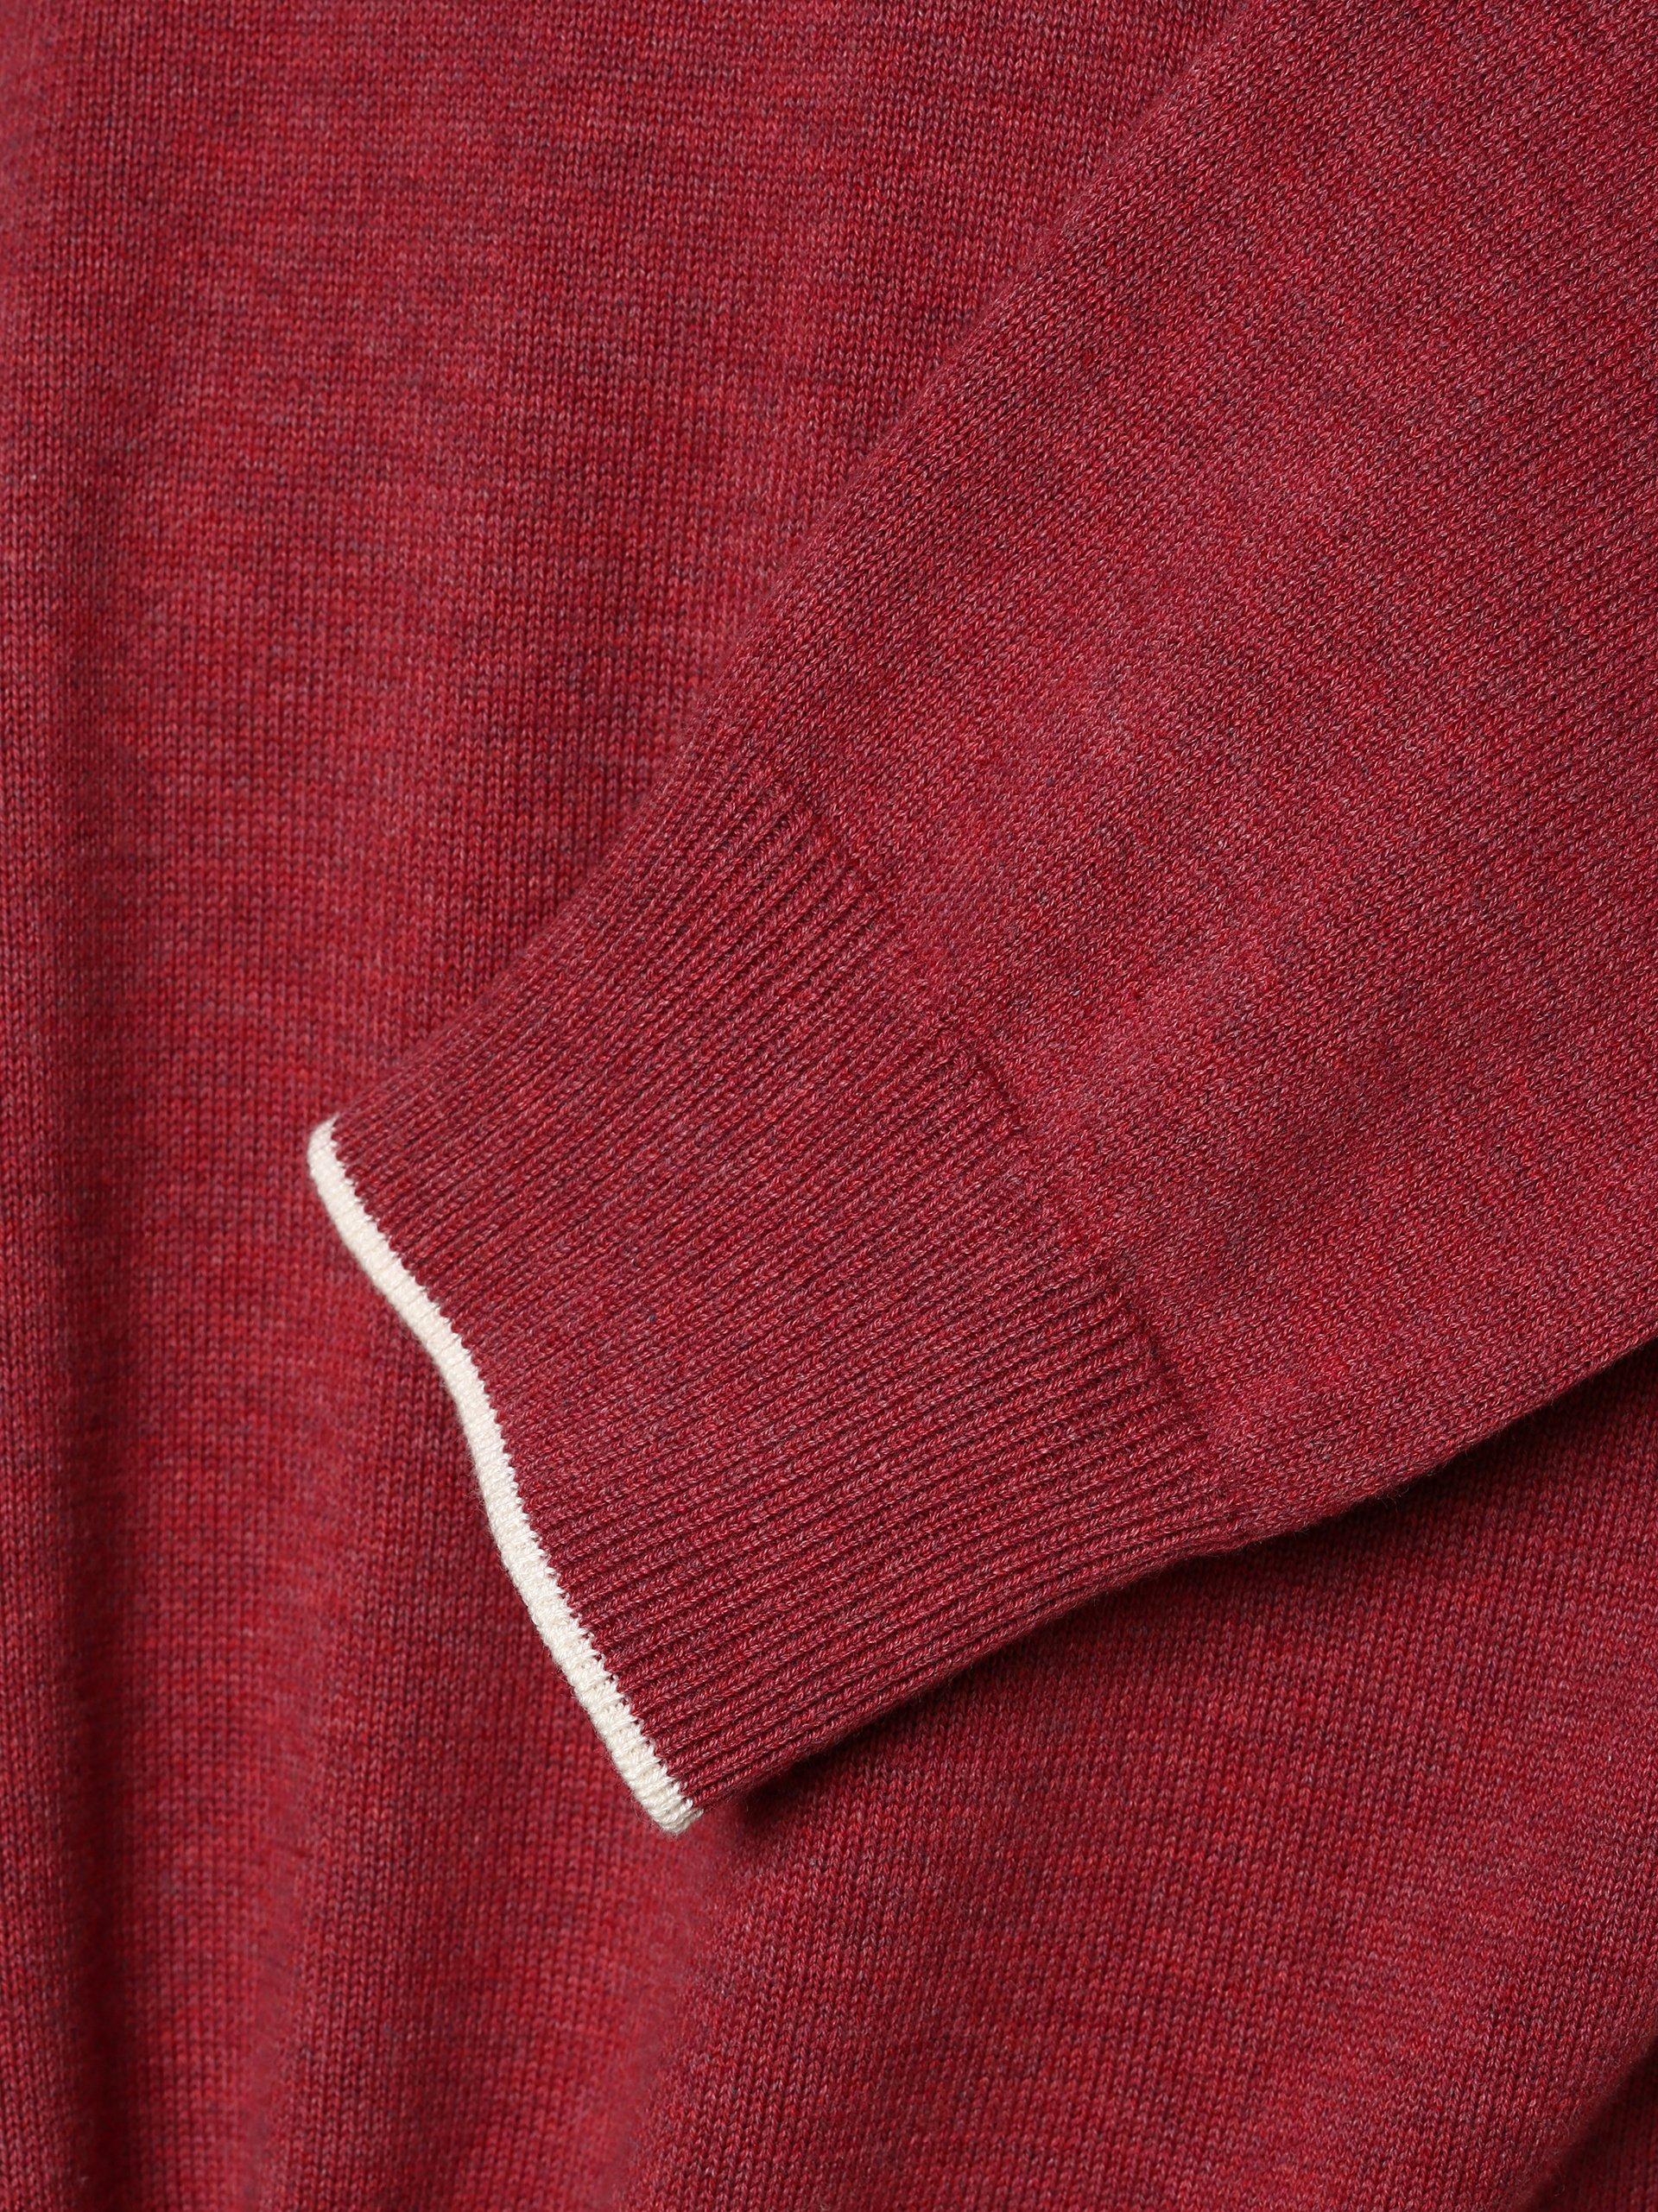 c53bee0547e87d Andrew James Herren Pullover online kaufen | PEEK-UND-CLOPPENBURG.DE